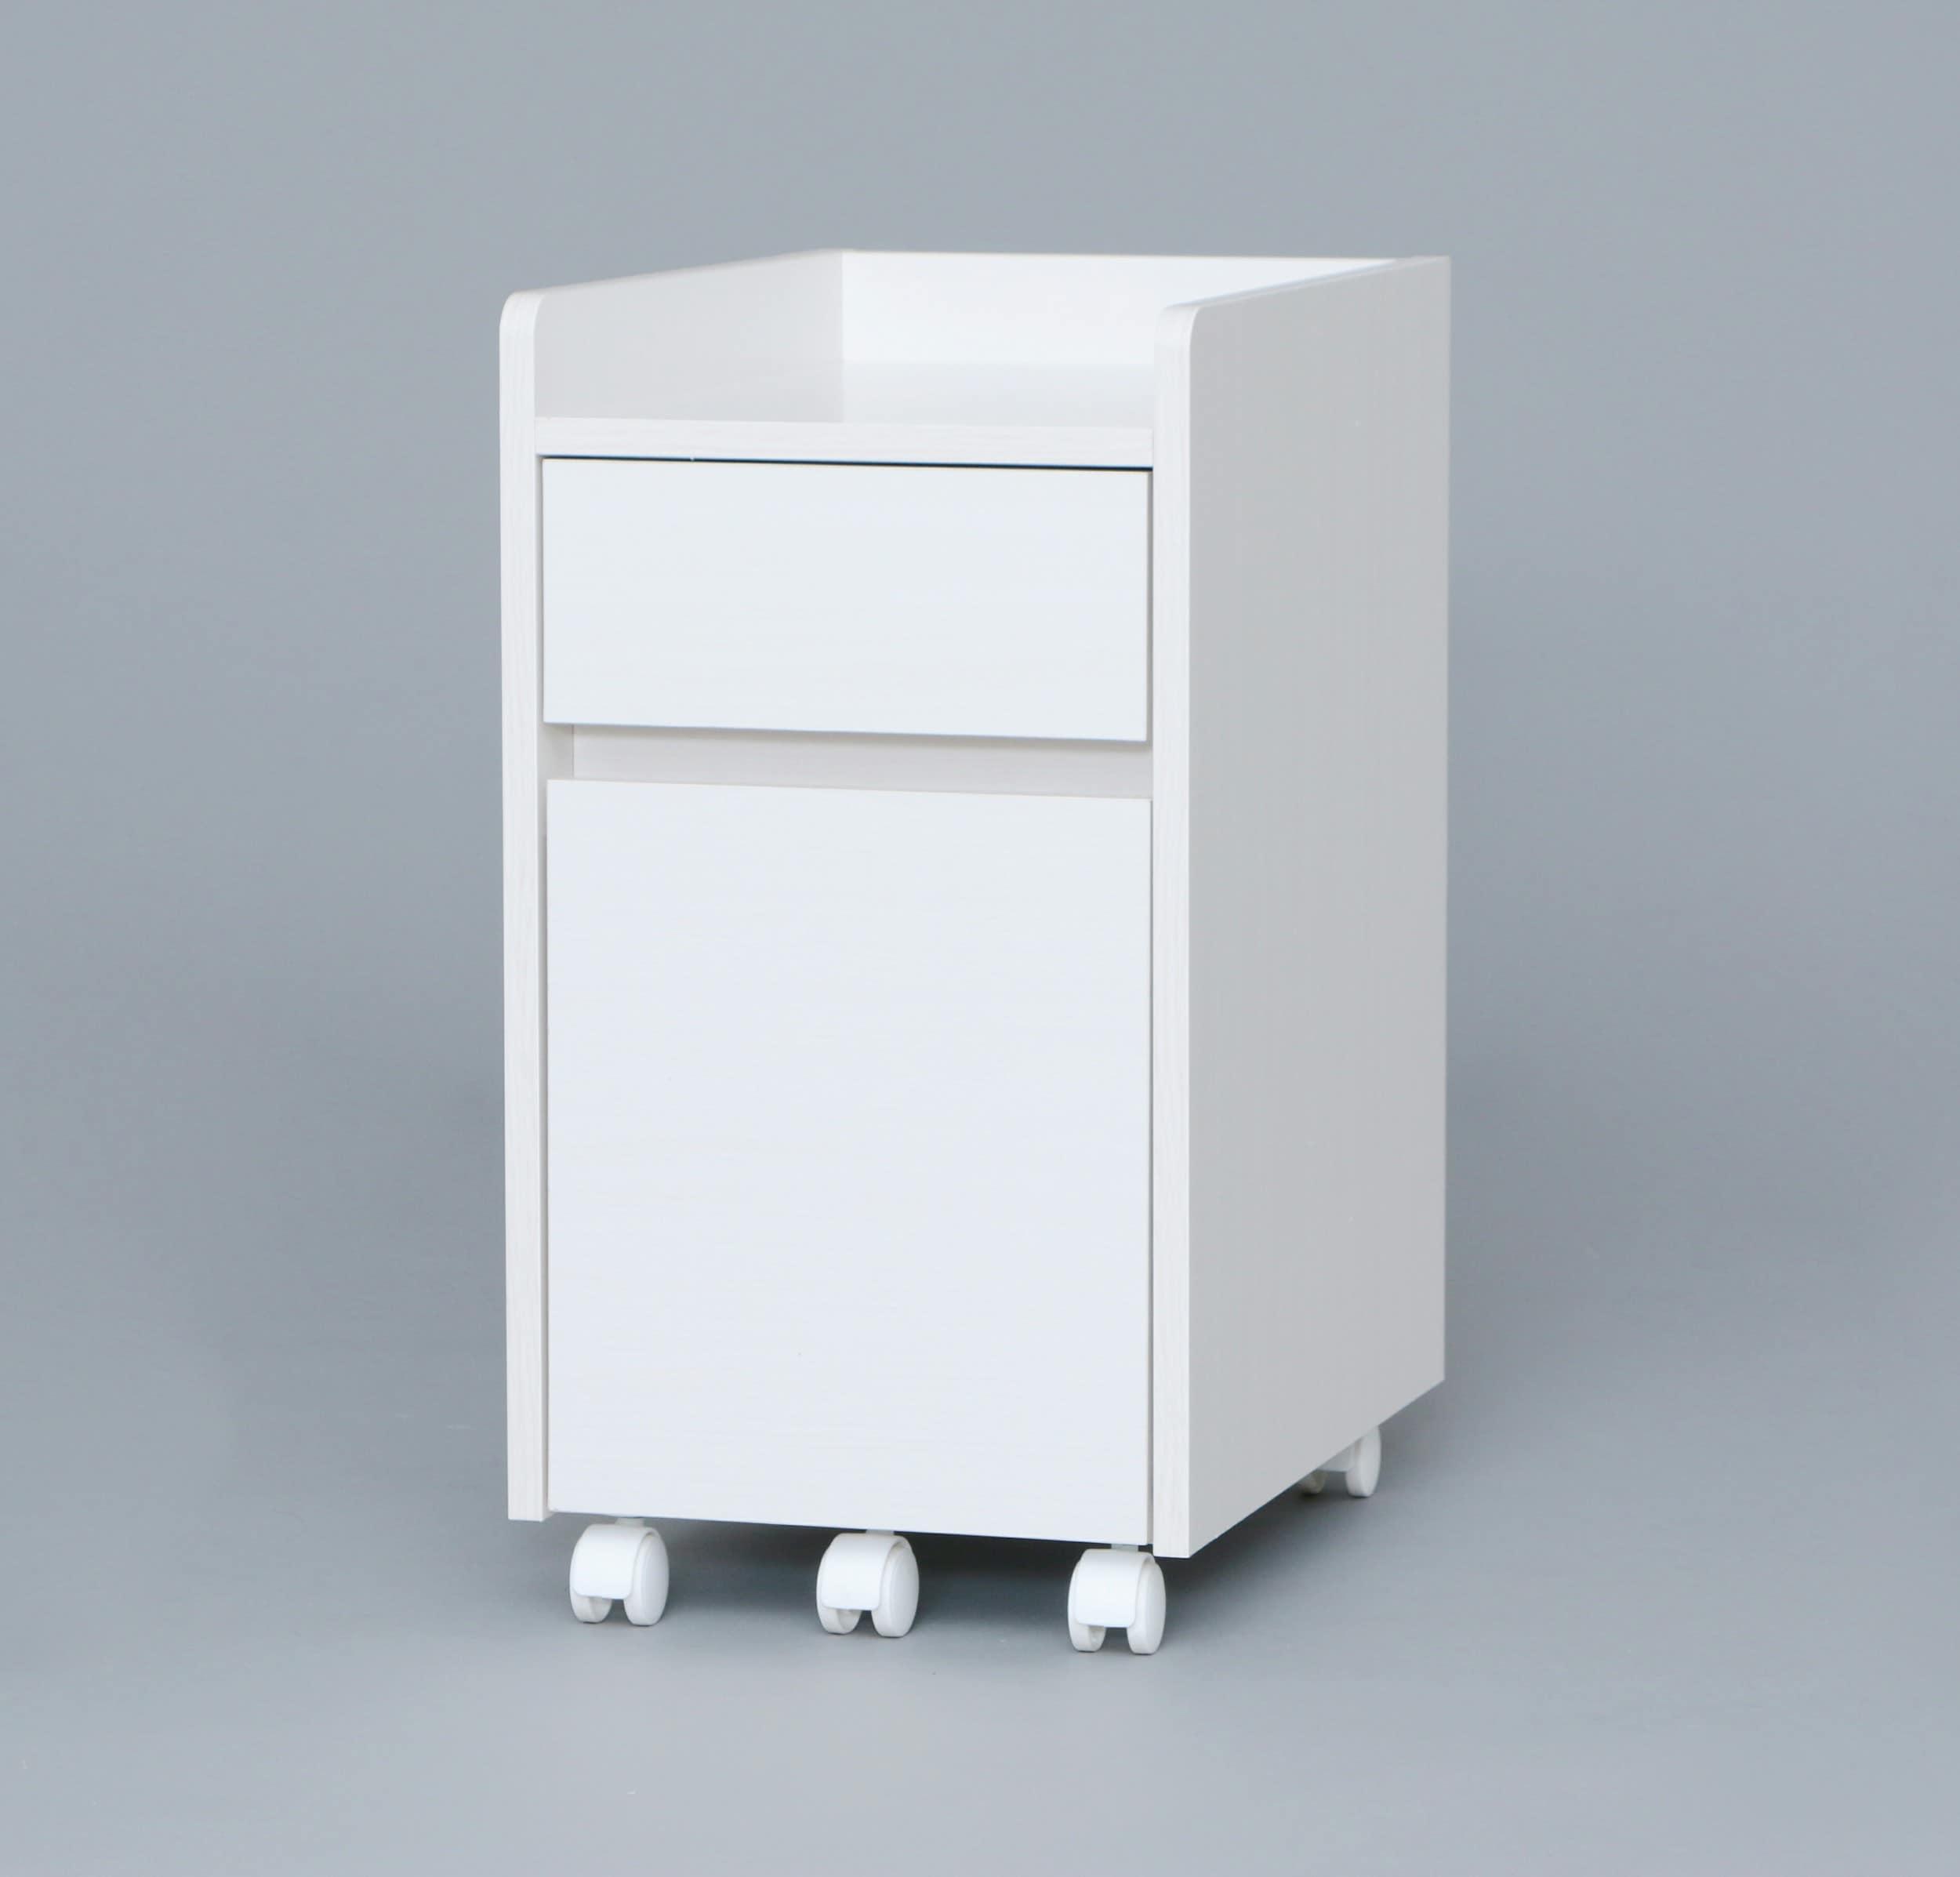 キャビネット FDK−3059C オフホワイト:キャビネット